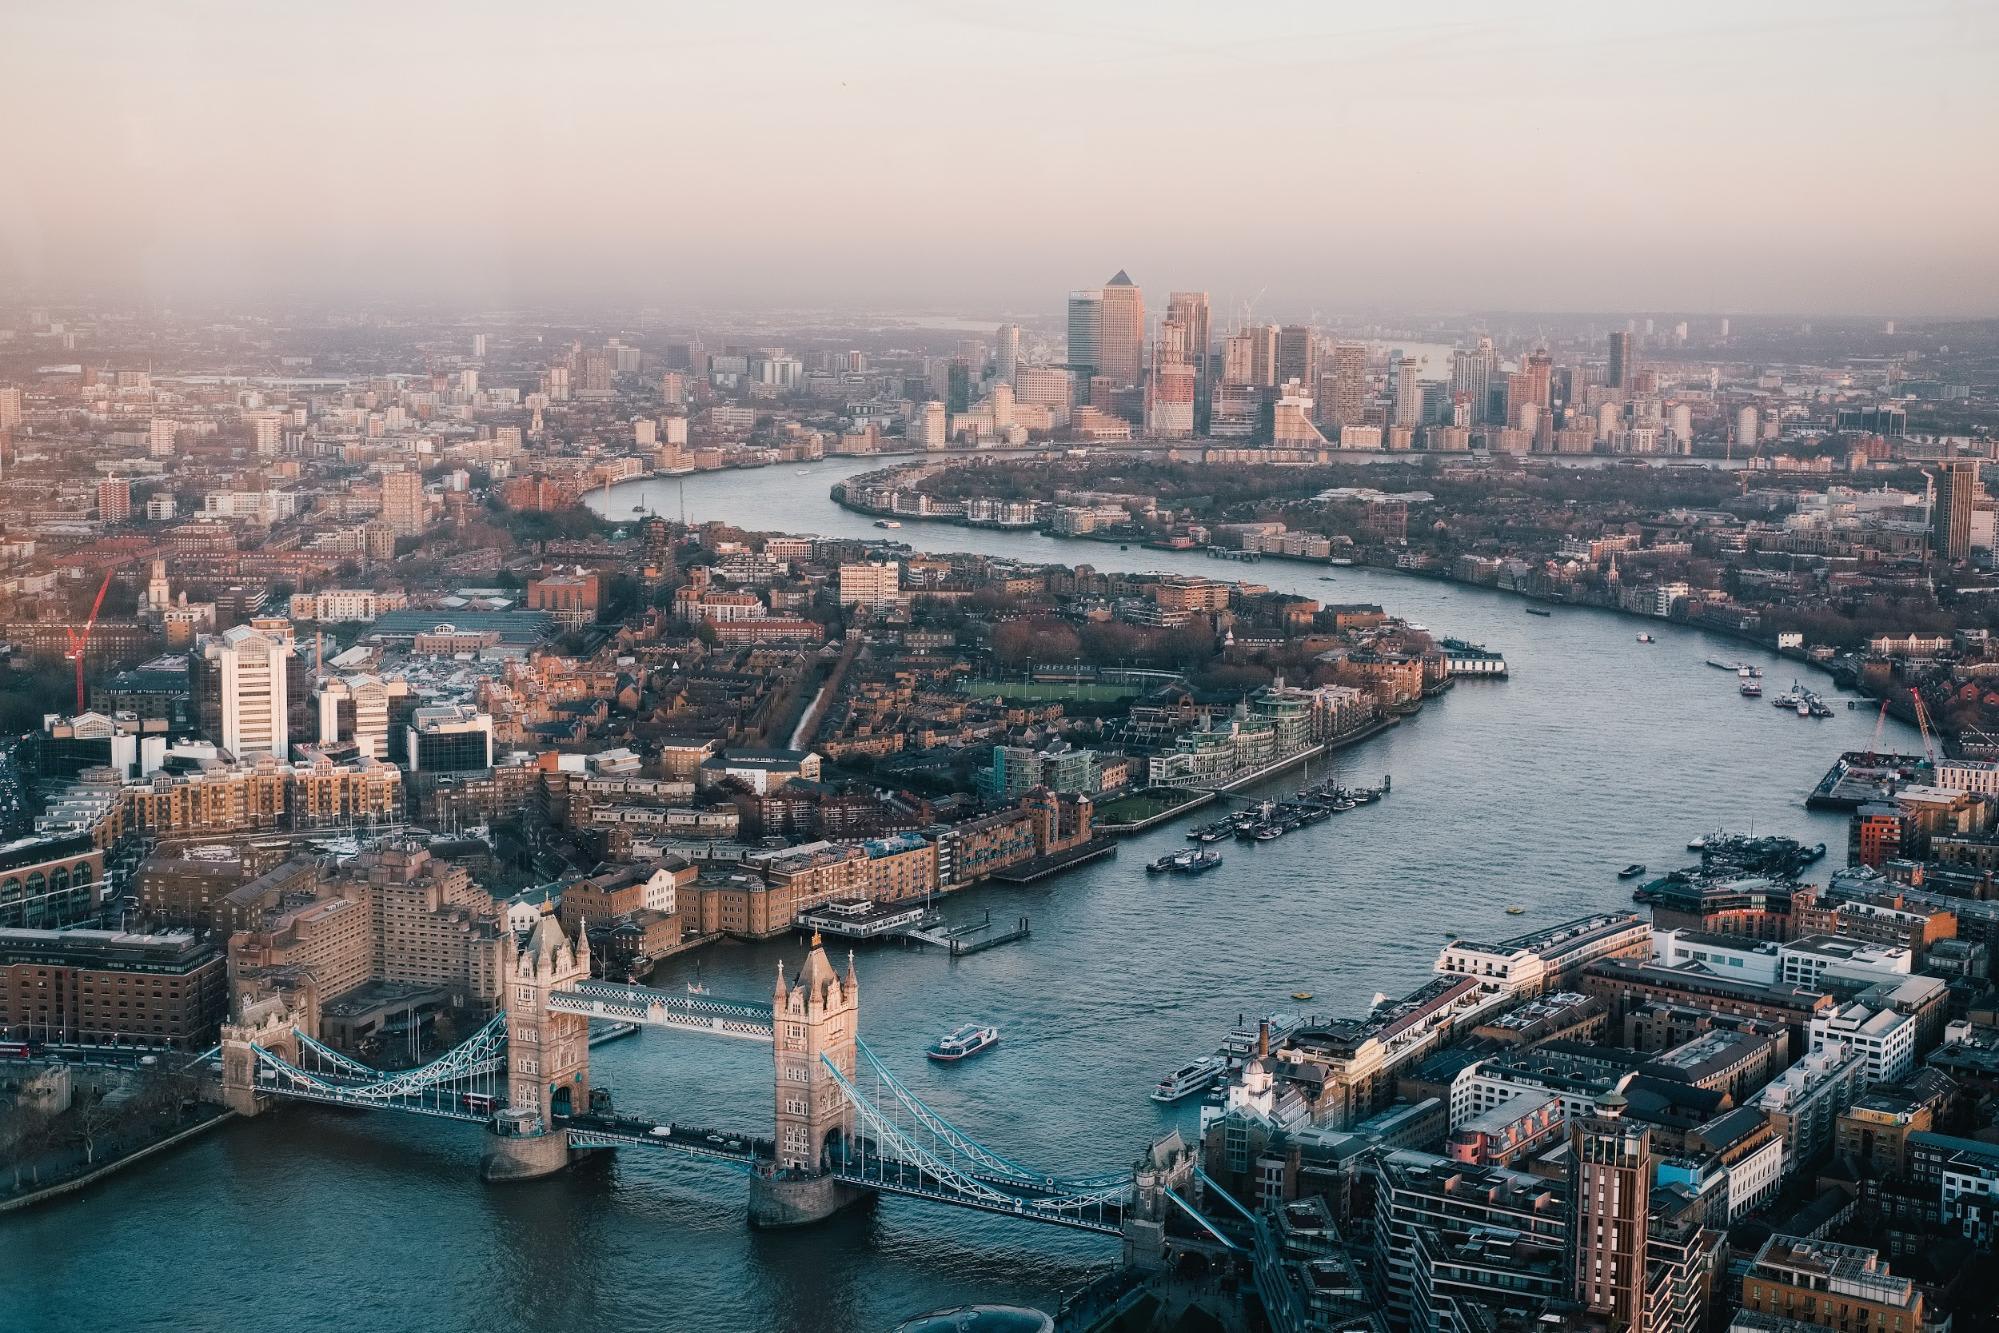 เที่ยวลอนดอน 5 วัน 4 คืน ราคาไม่ถึง 45,000บาท!